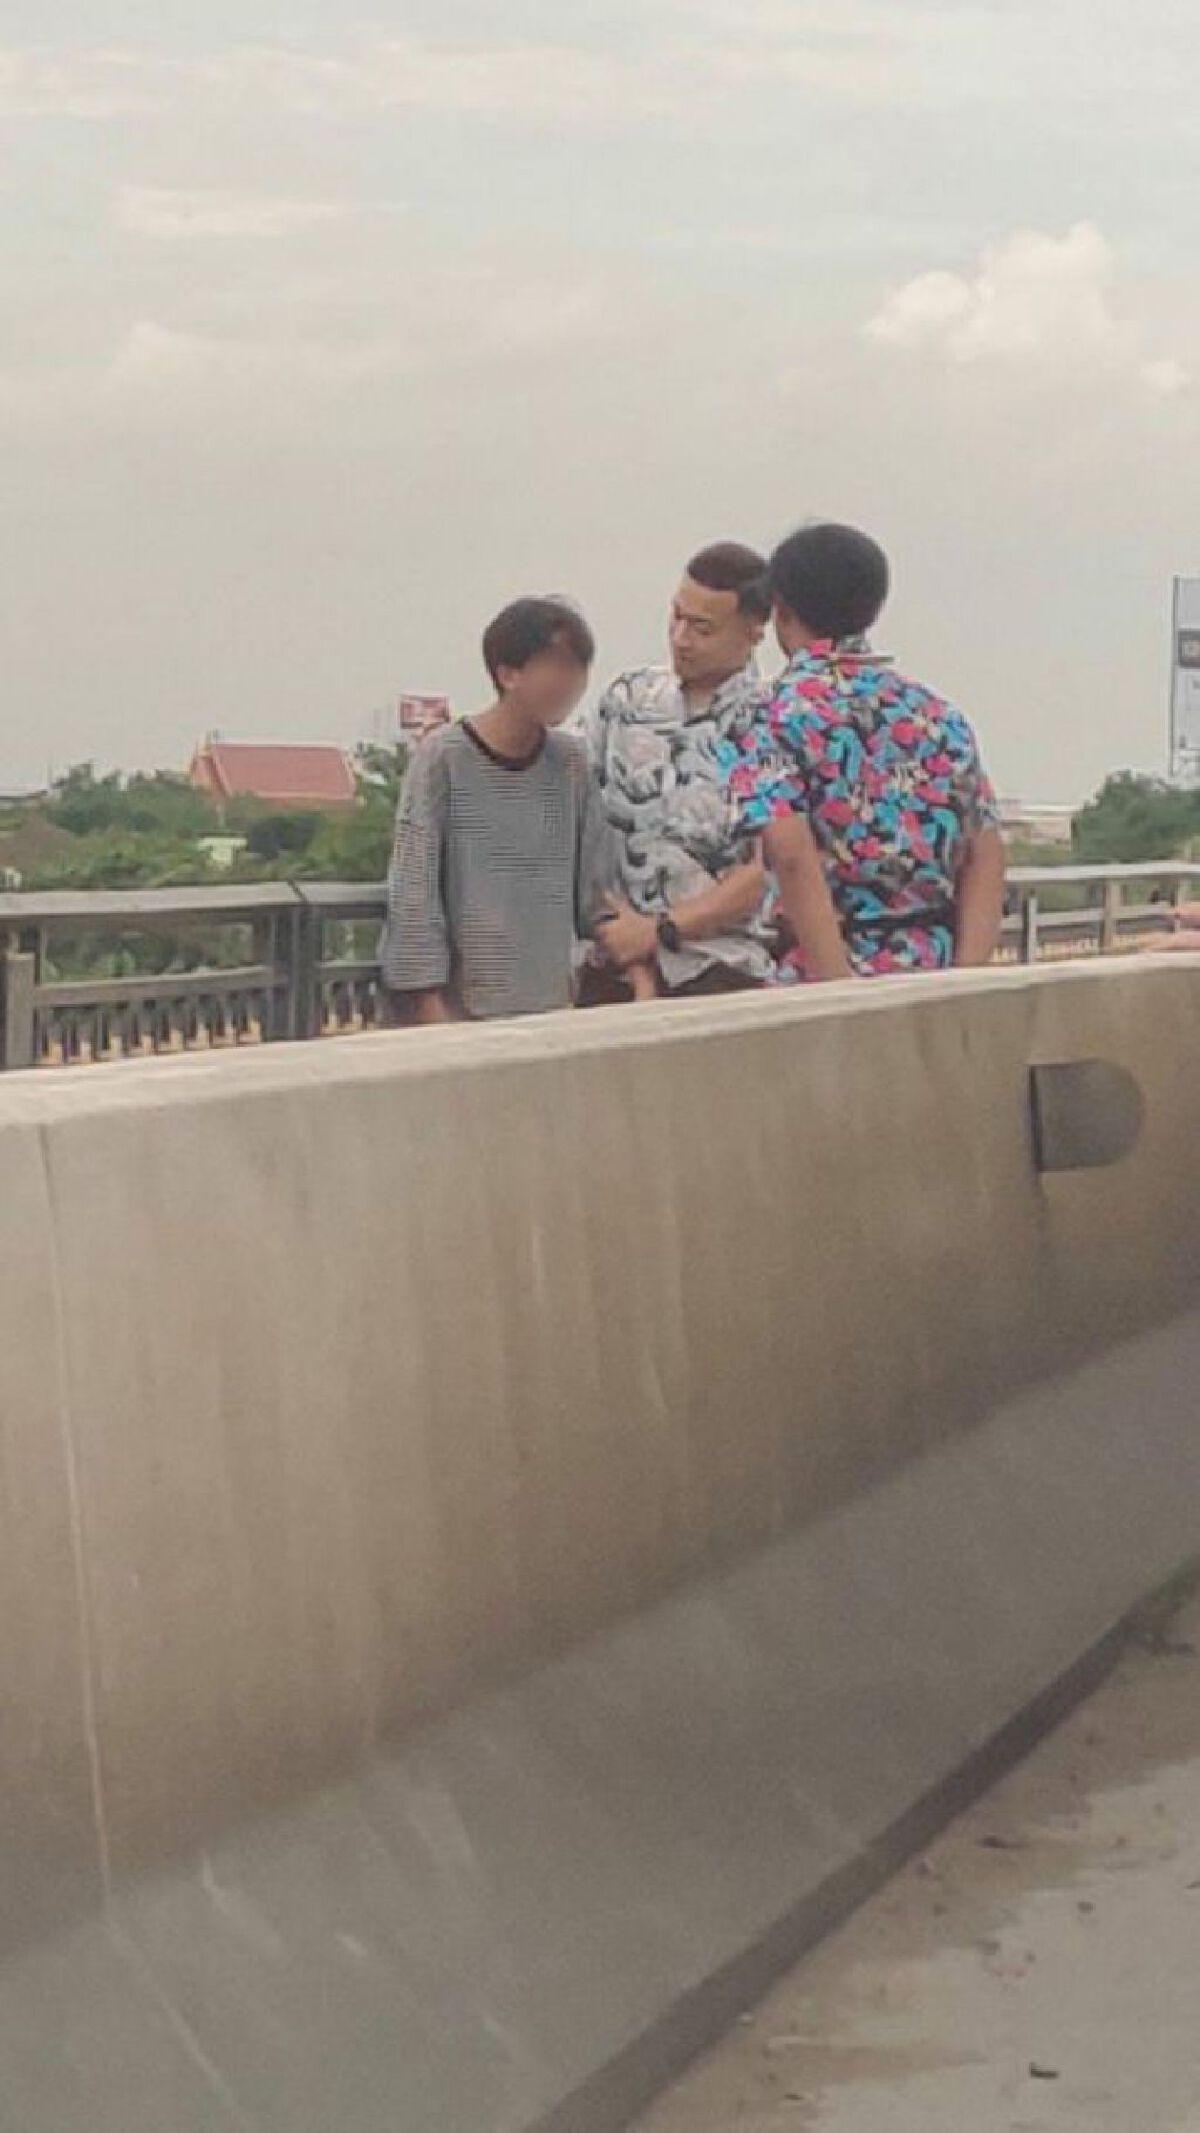 ชื่นชม! พลเมืองดีเข้าเกลี้ยกล่อม หลังเจอวัยรุ่นคิดสั้นนั่งบนราวสะพานพระราม 5